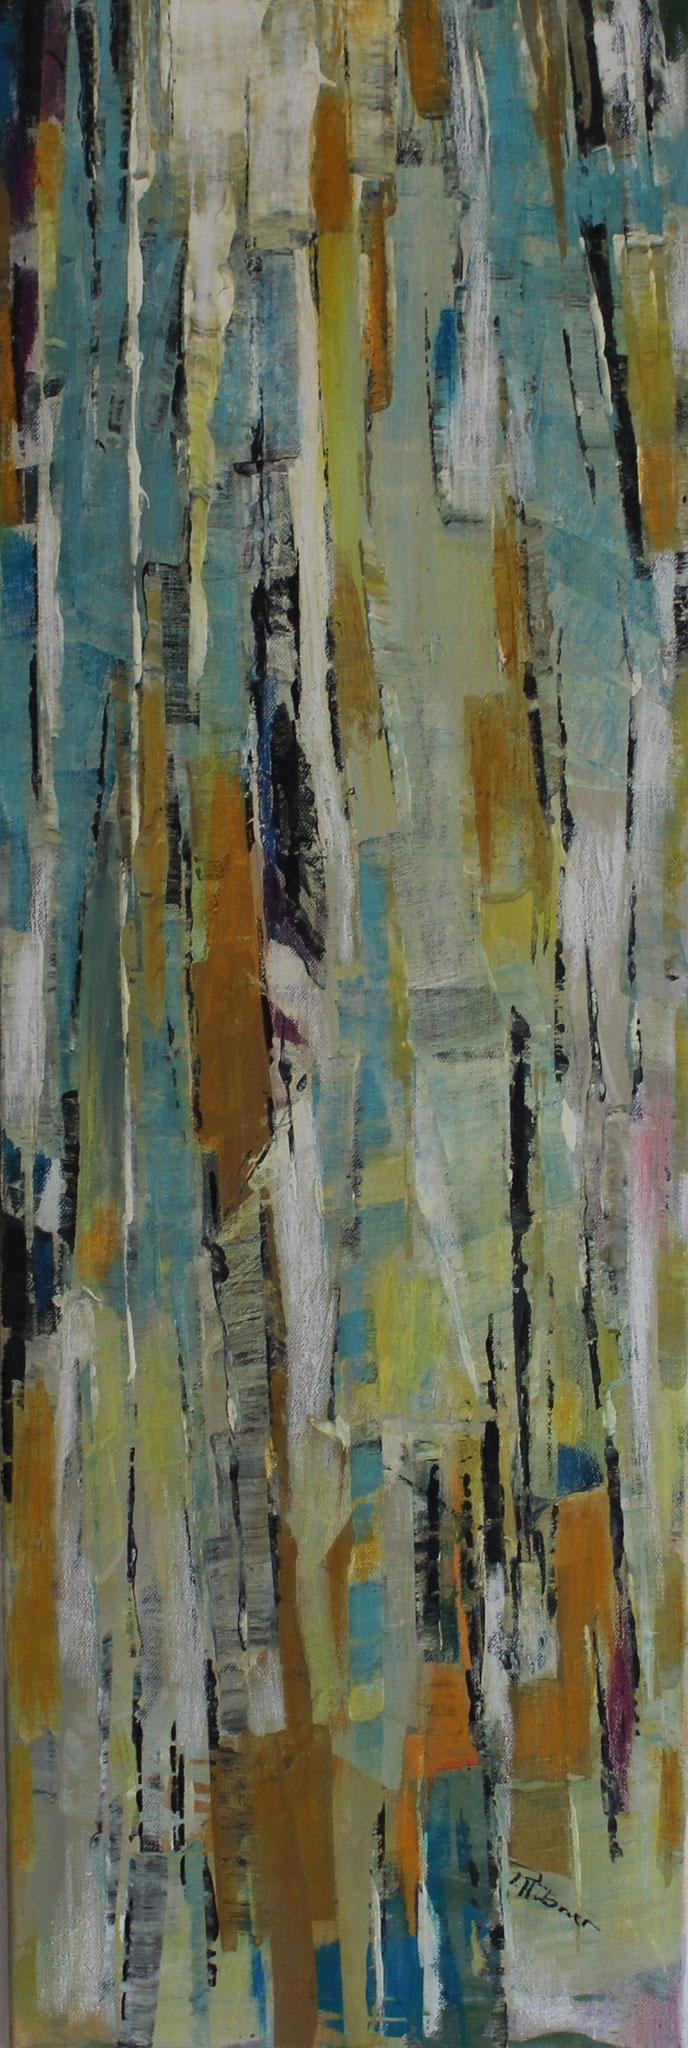 Tanz der Farben (30 x 90cm)